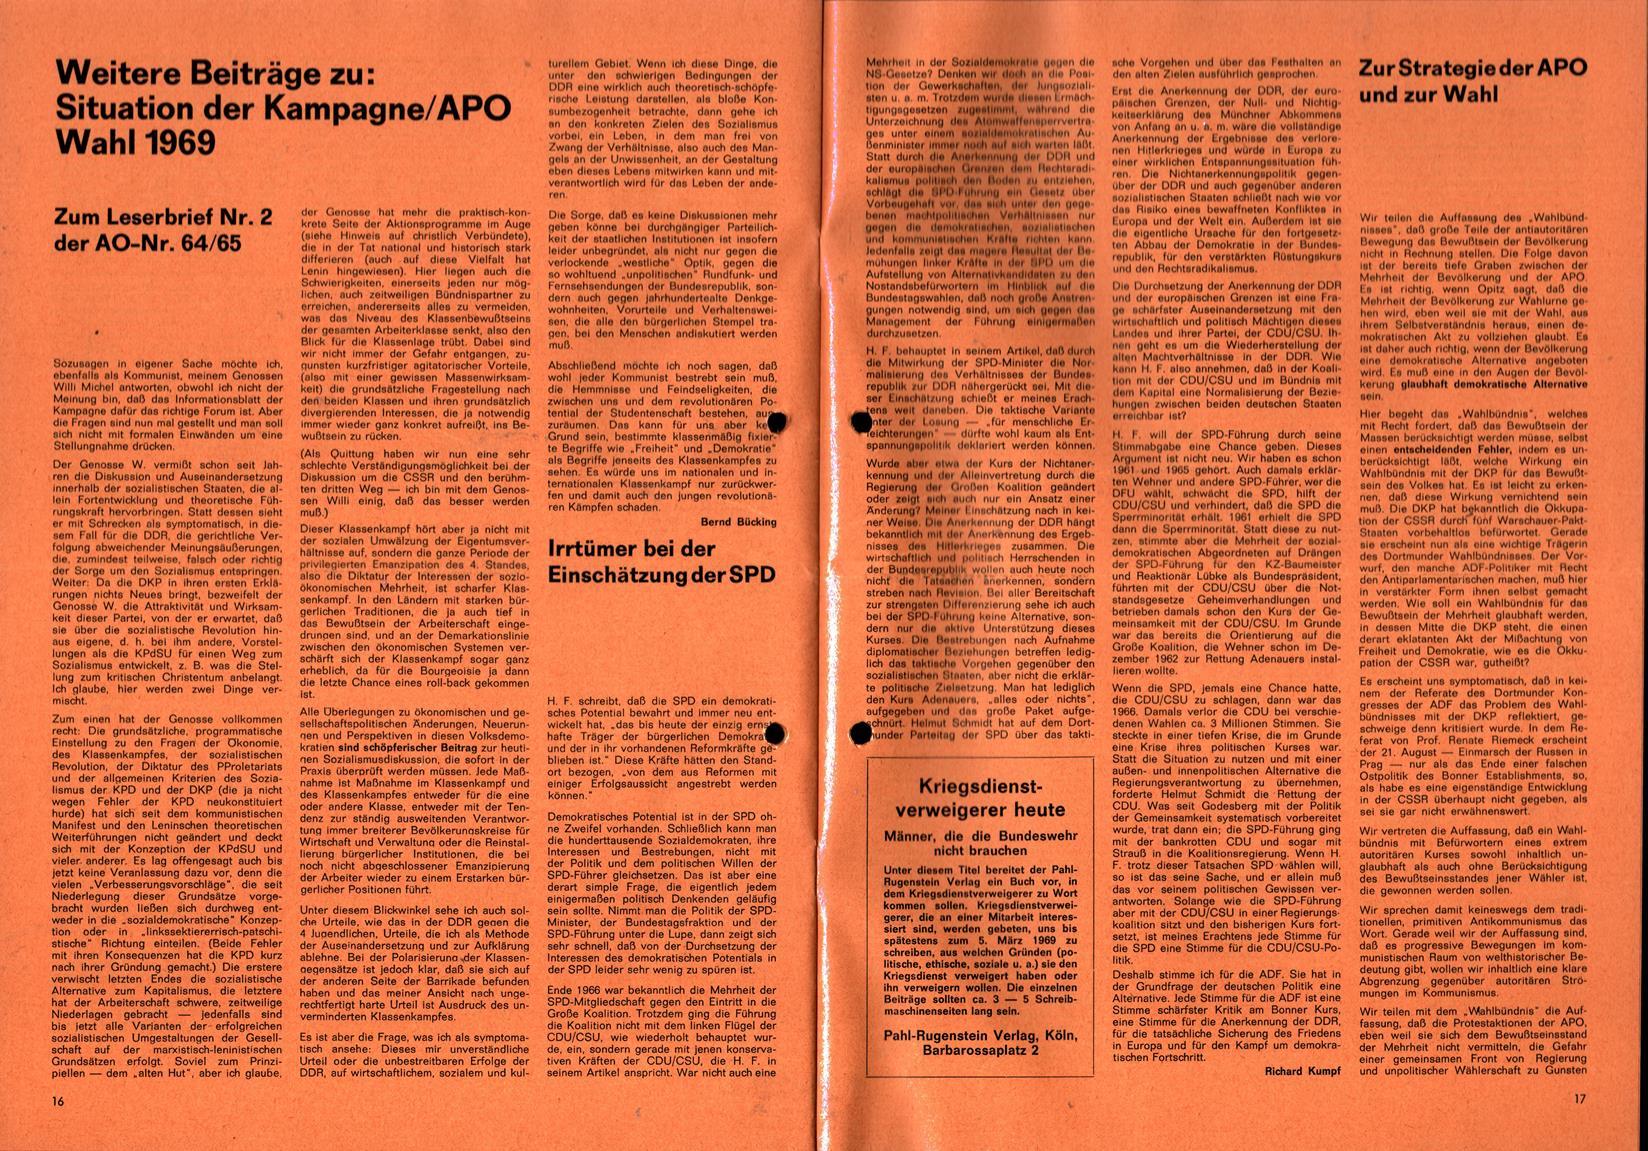 Infos_zur_Abruestung_1969_067_068_009